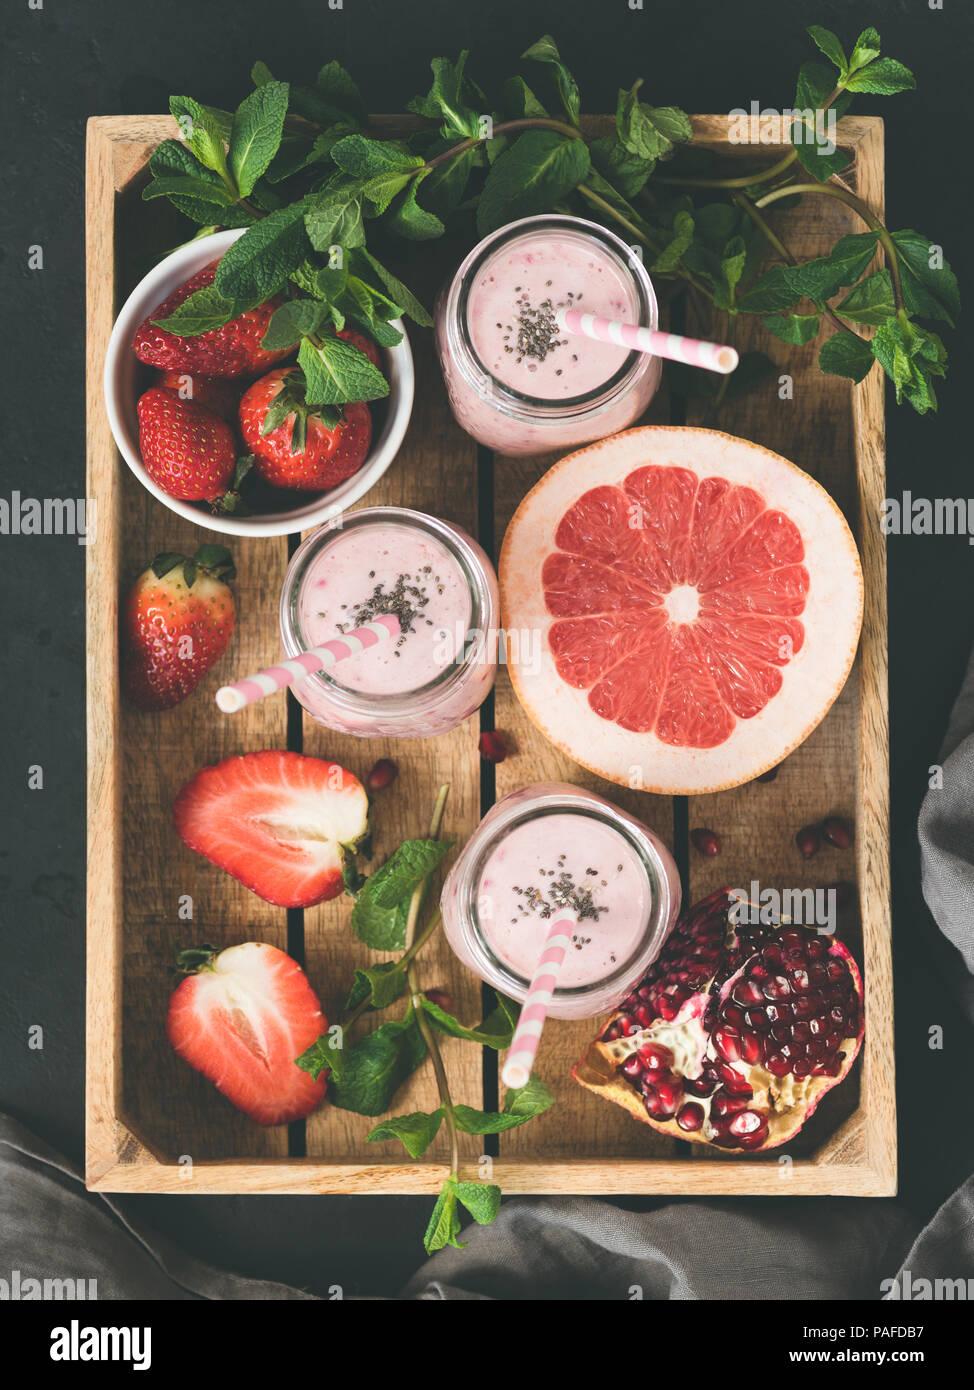 Des smoothies de fruits et baies sur plateau en bois, vue de dessus, de l'image. Concept de style de vie sain et une alimentation saine Photo Stock